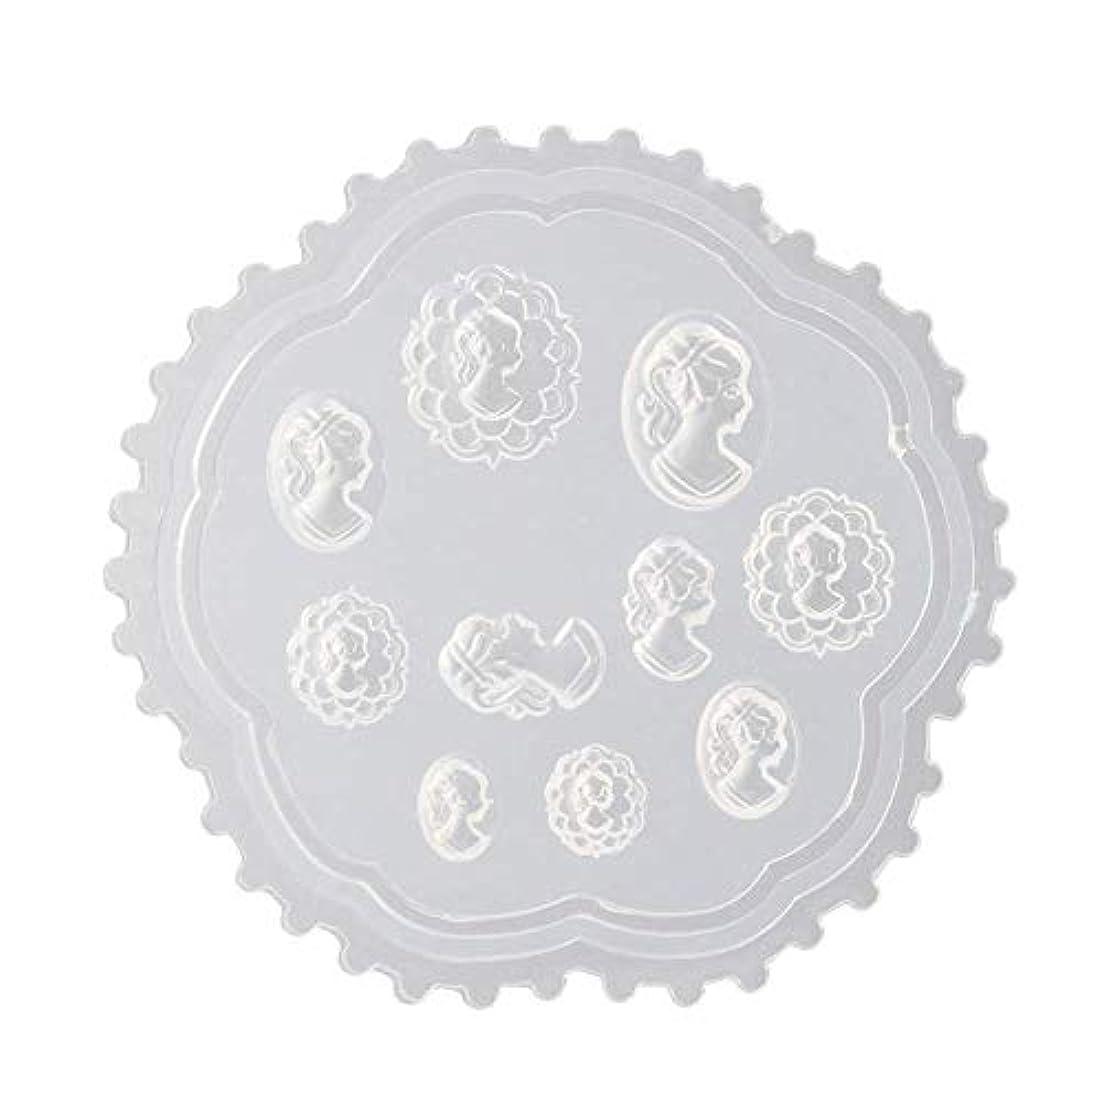 Flymylion 3Dシリコンモールド ネイル 葉 花 抜き型 3Dネイル用 レジンモールド UVレジン ネイルパーツ ジェル ネイル セット アクセサリー パーツ 作成 (2)